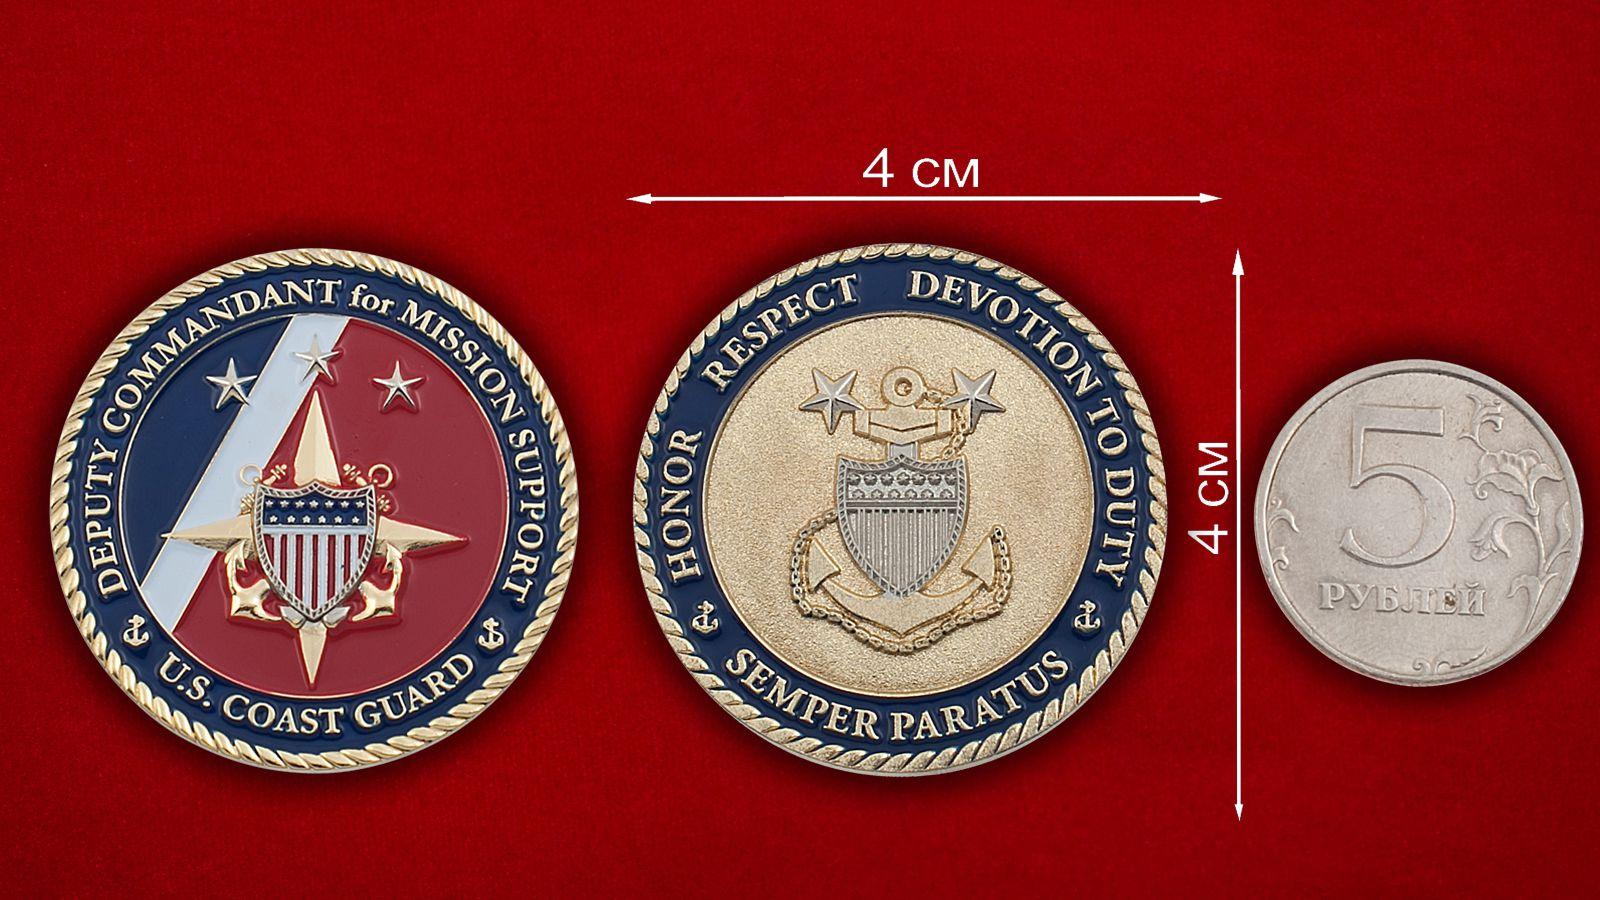 Челлендж коин заместителя Коменданта Береговой охраны США - сравнительный размер